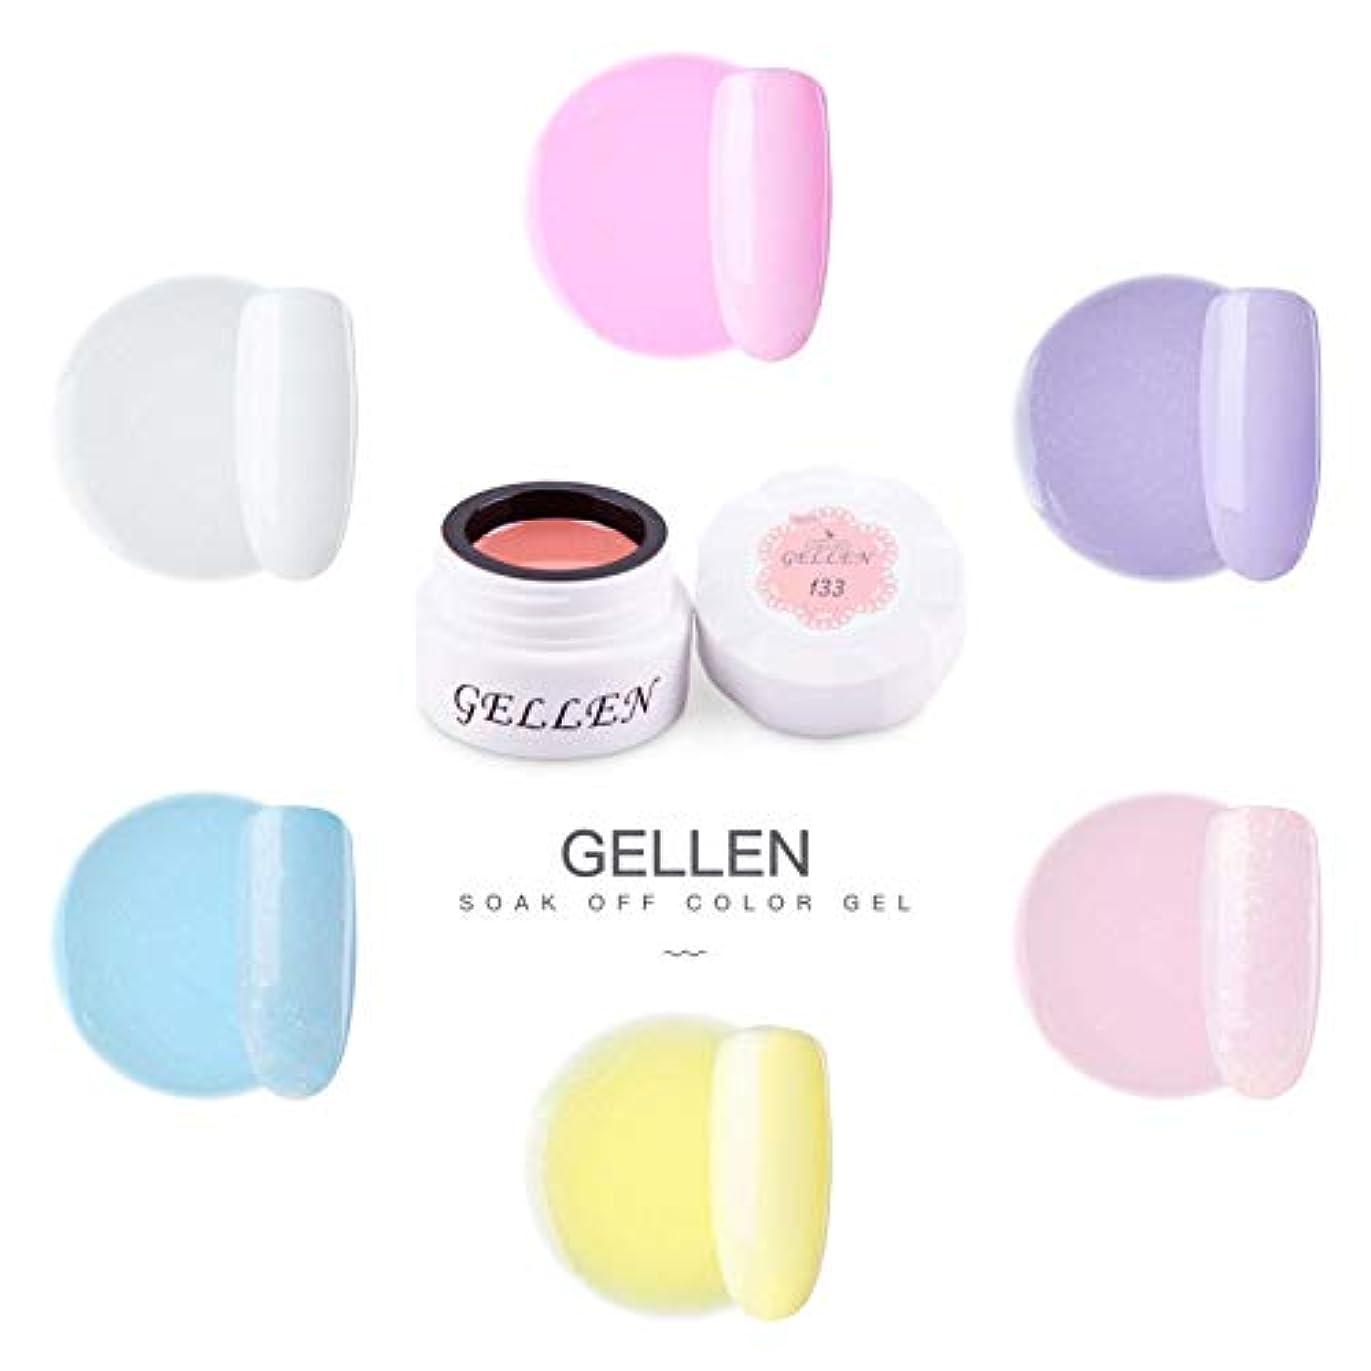 ギャロップ記憶放射性Gellen カラージェル 6色 セット[パステル カラー系]高品質 5g ジェルネイル カラー ネイルブラシ付き